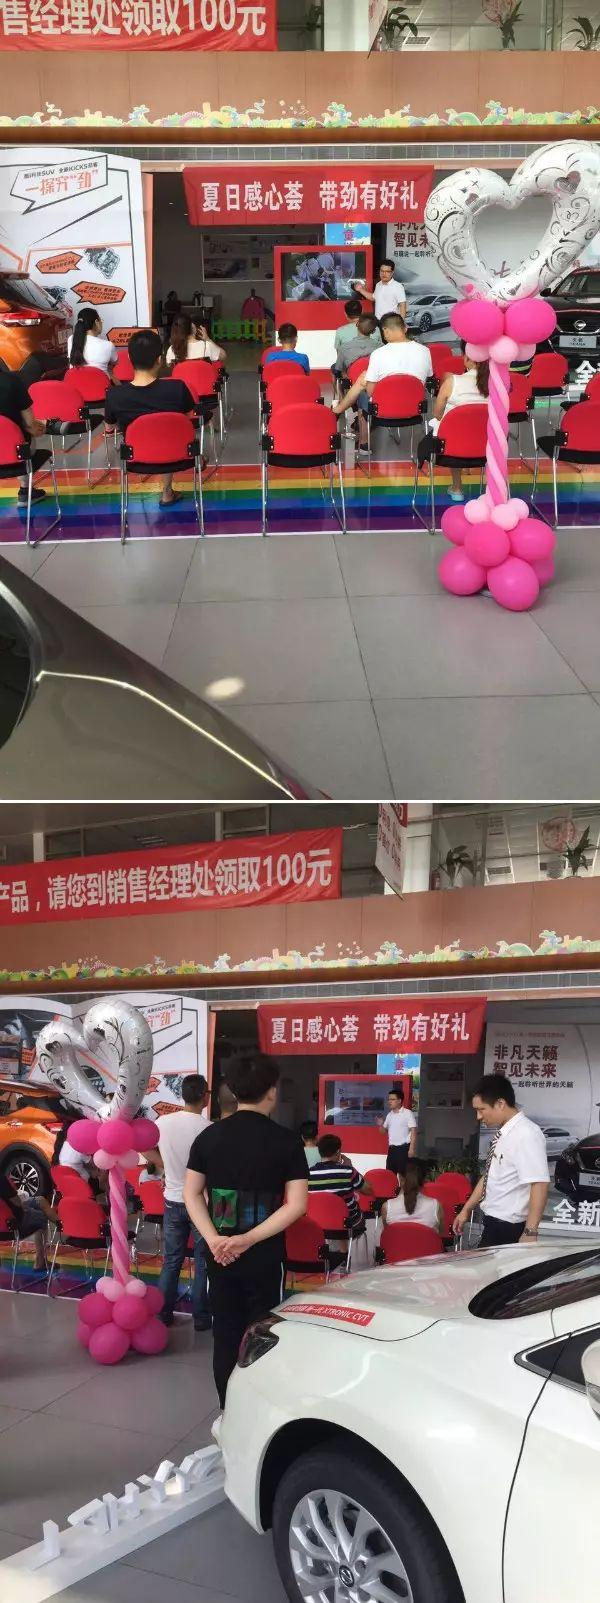 西风日产南通开辟区专营店--冬季感心荟运动圆满闭幕